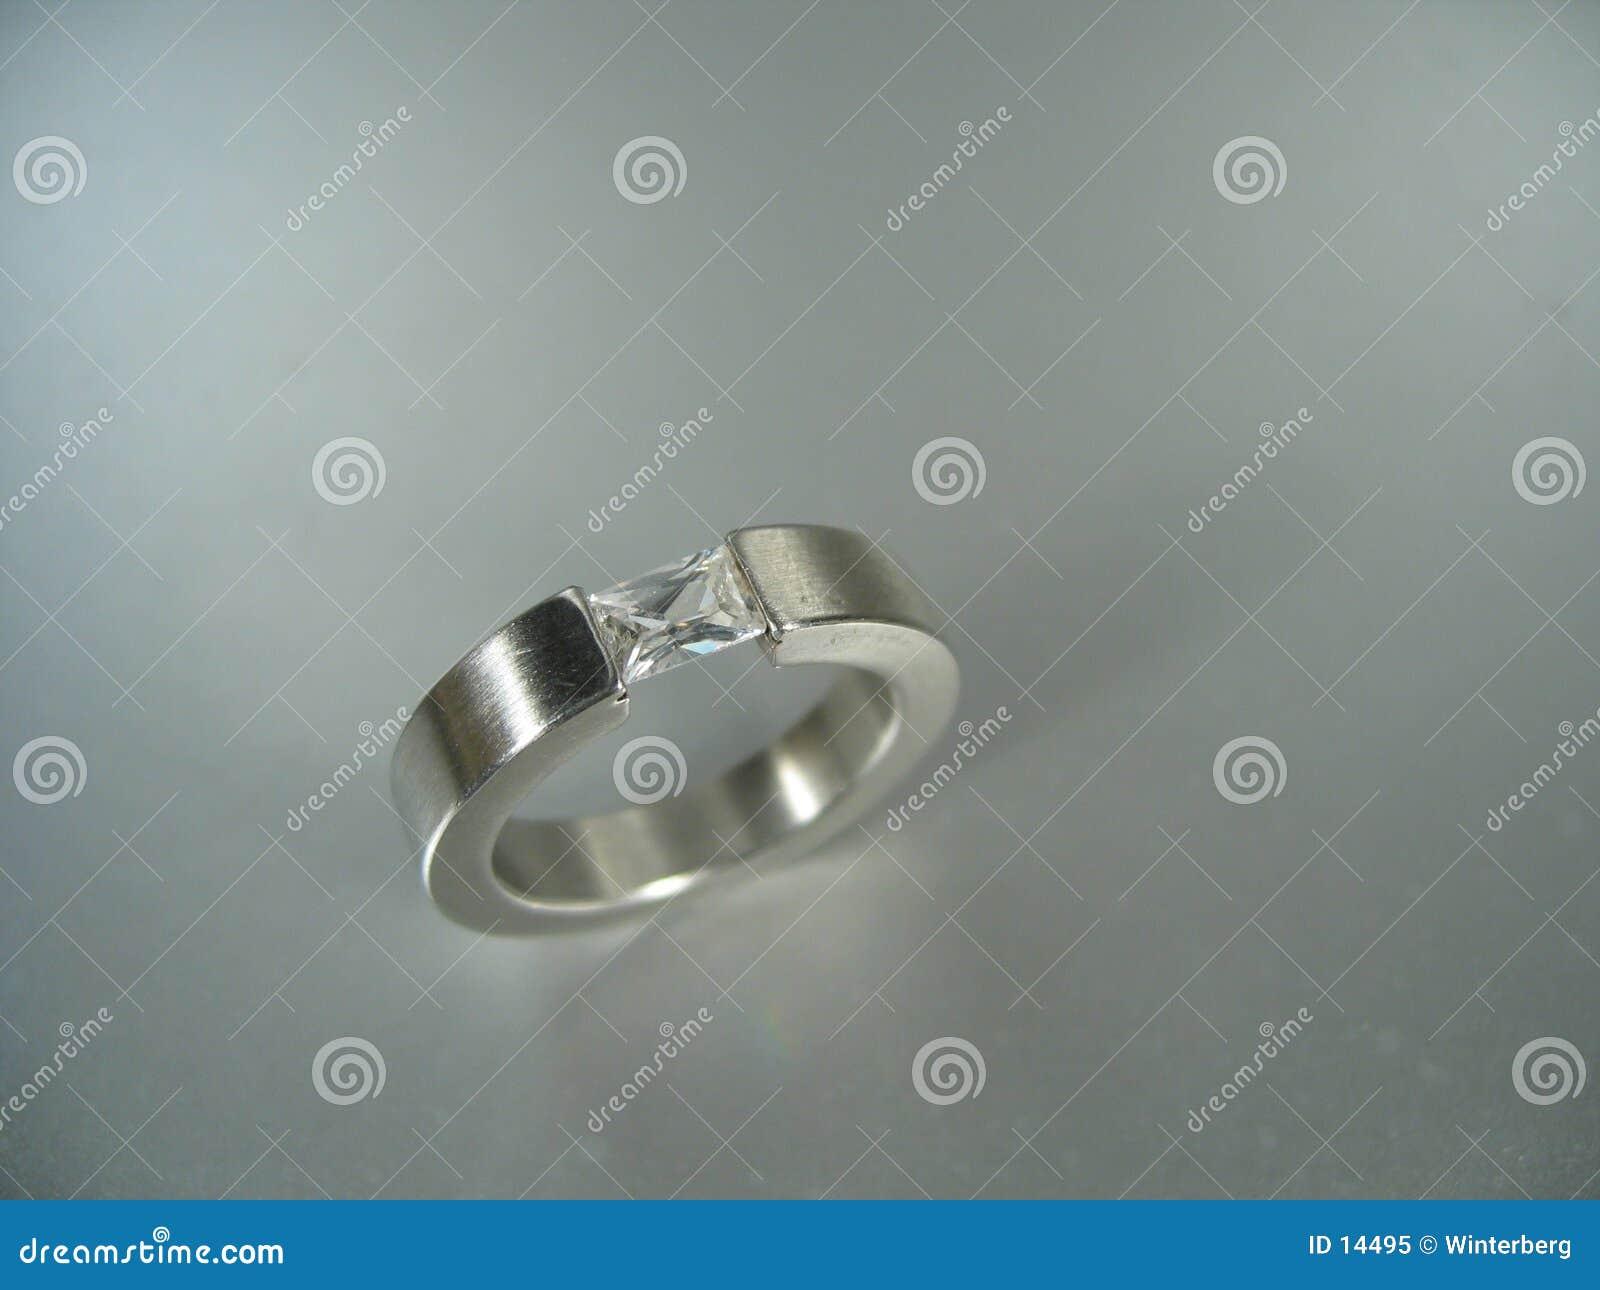 Ring srebra